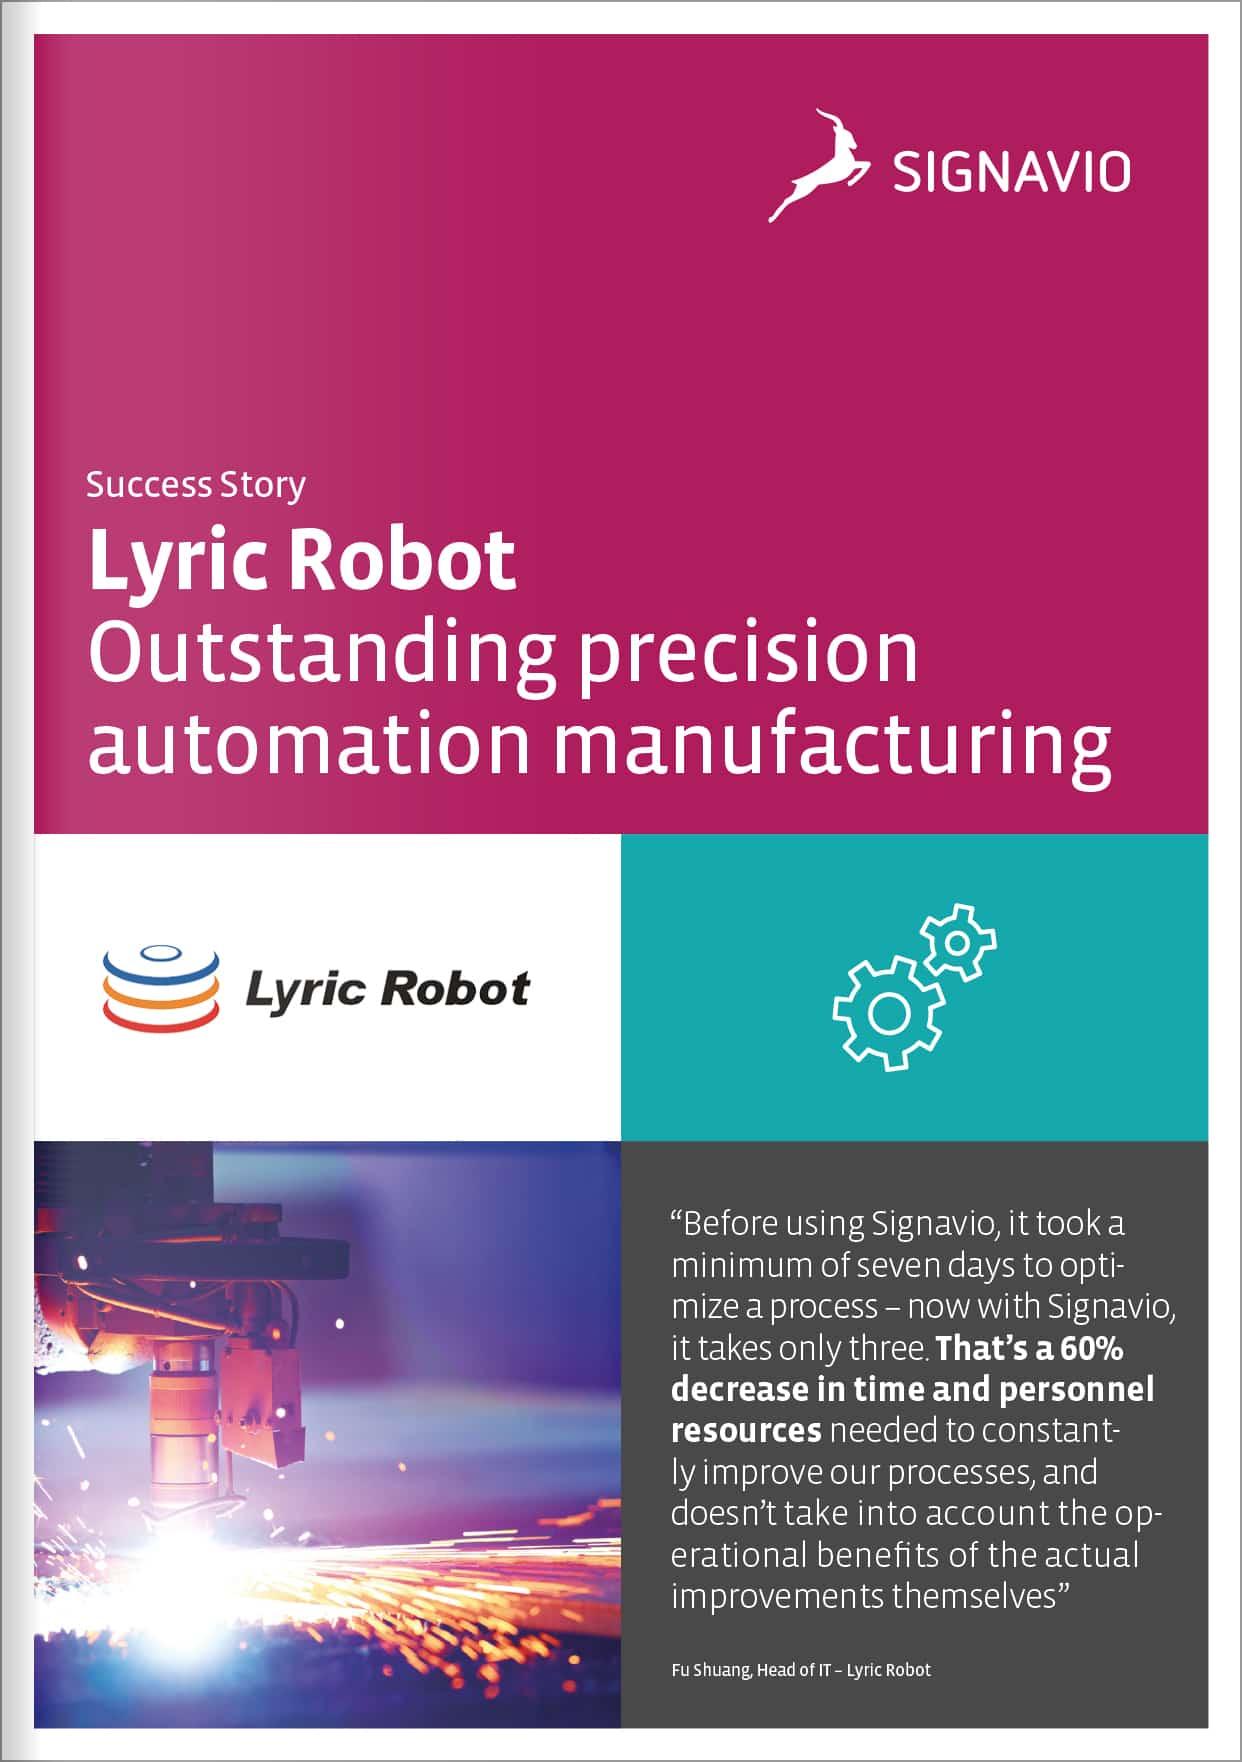 Lyric Robot - Customer Success